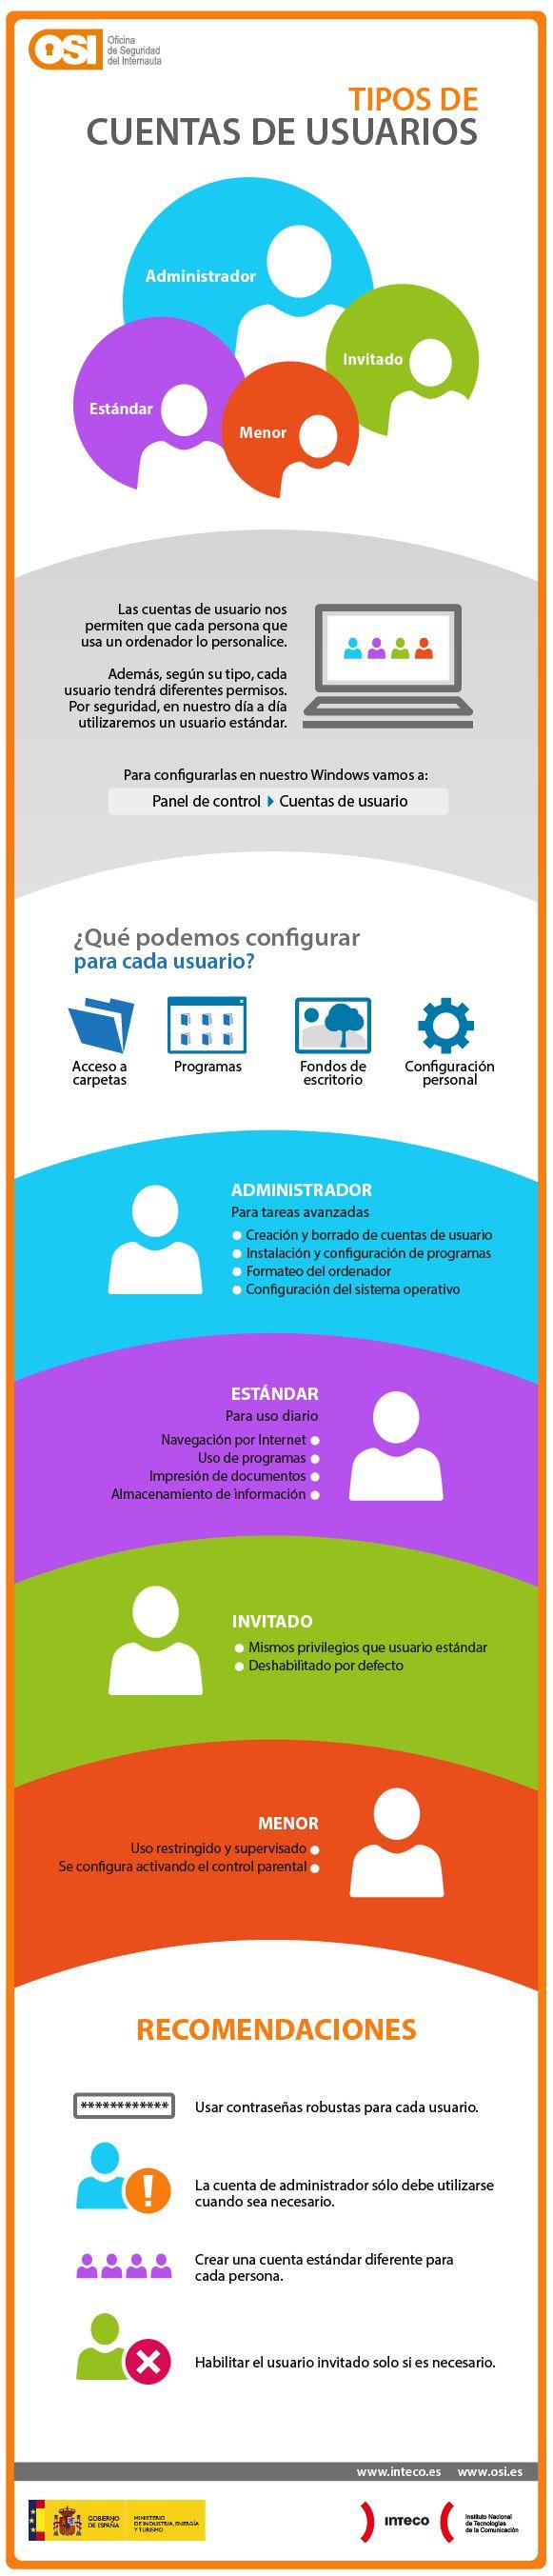 Infografía que muestra de forma gráfica cuales son los distintos tipos de cuentas de usuario que existen y qué características tiene cada una.